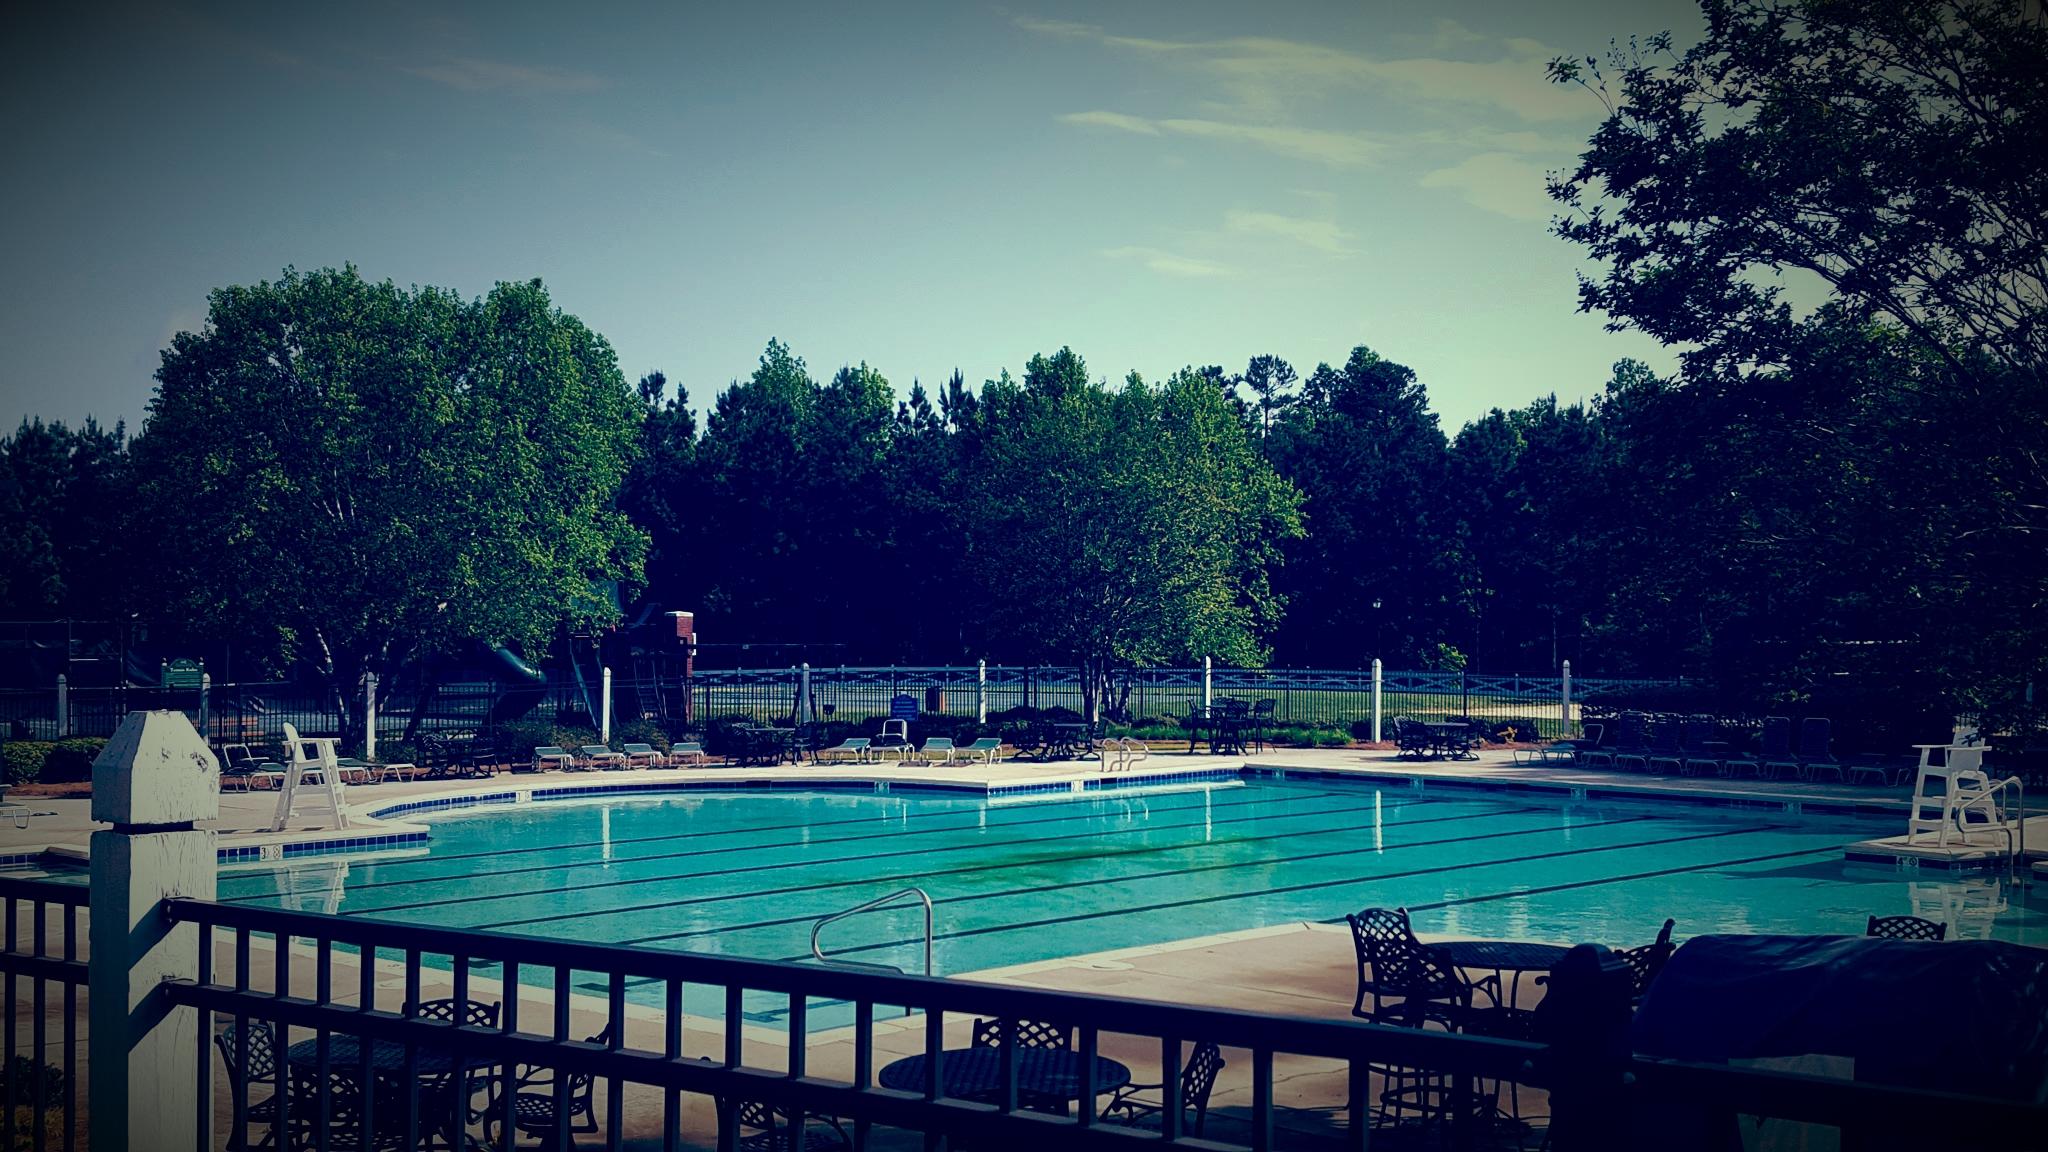 Image The Amenity Center at Weddington Chase